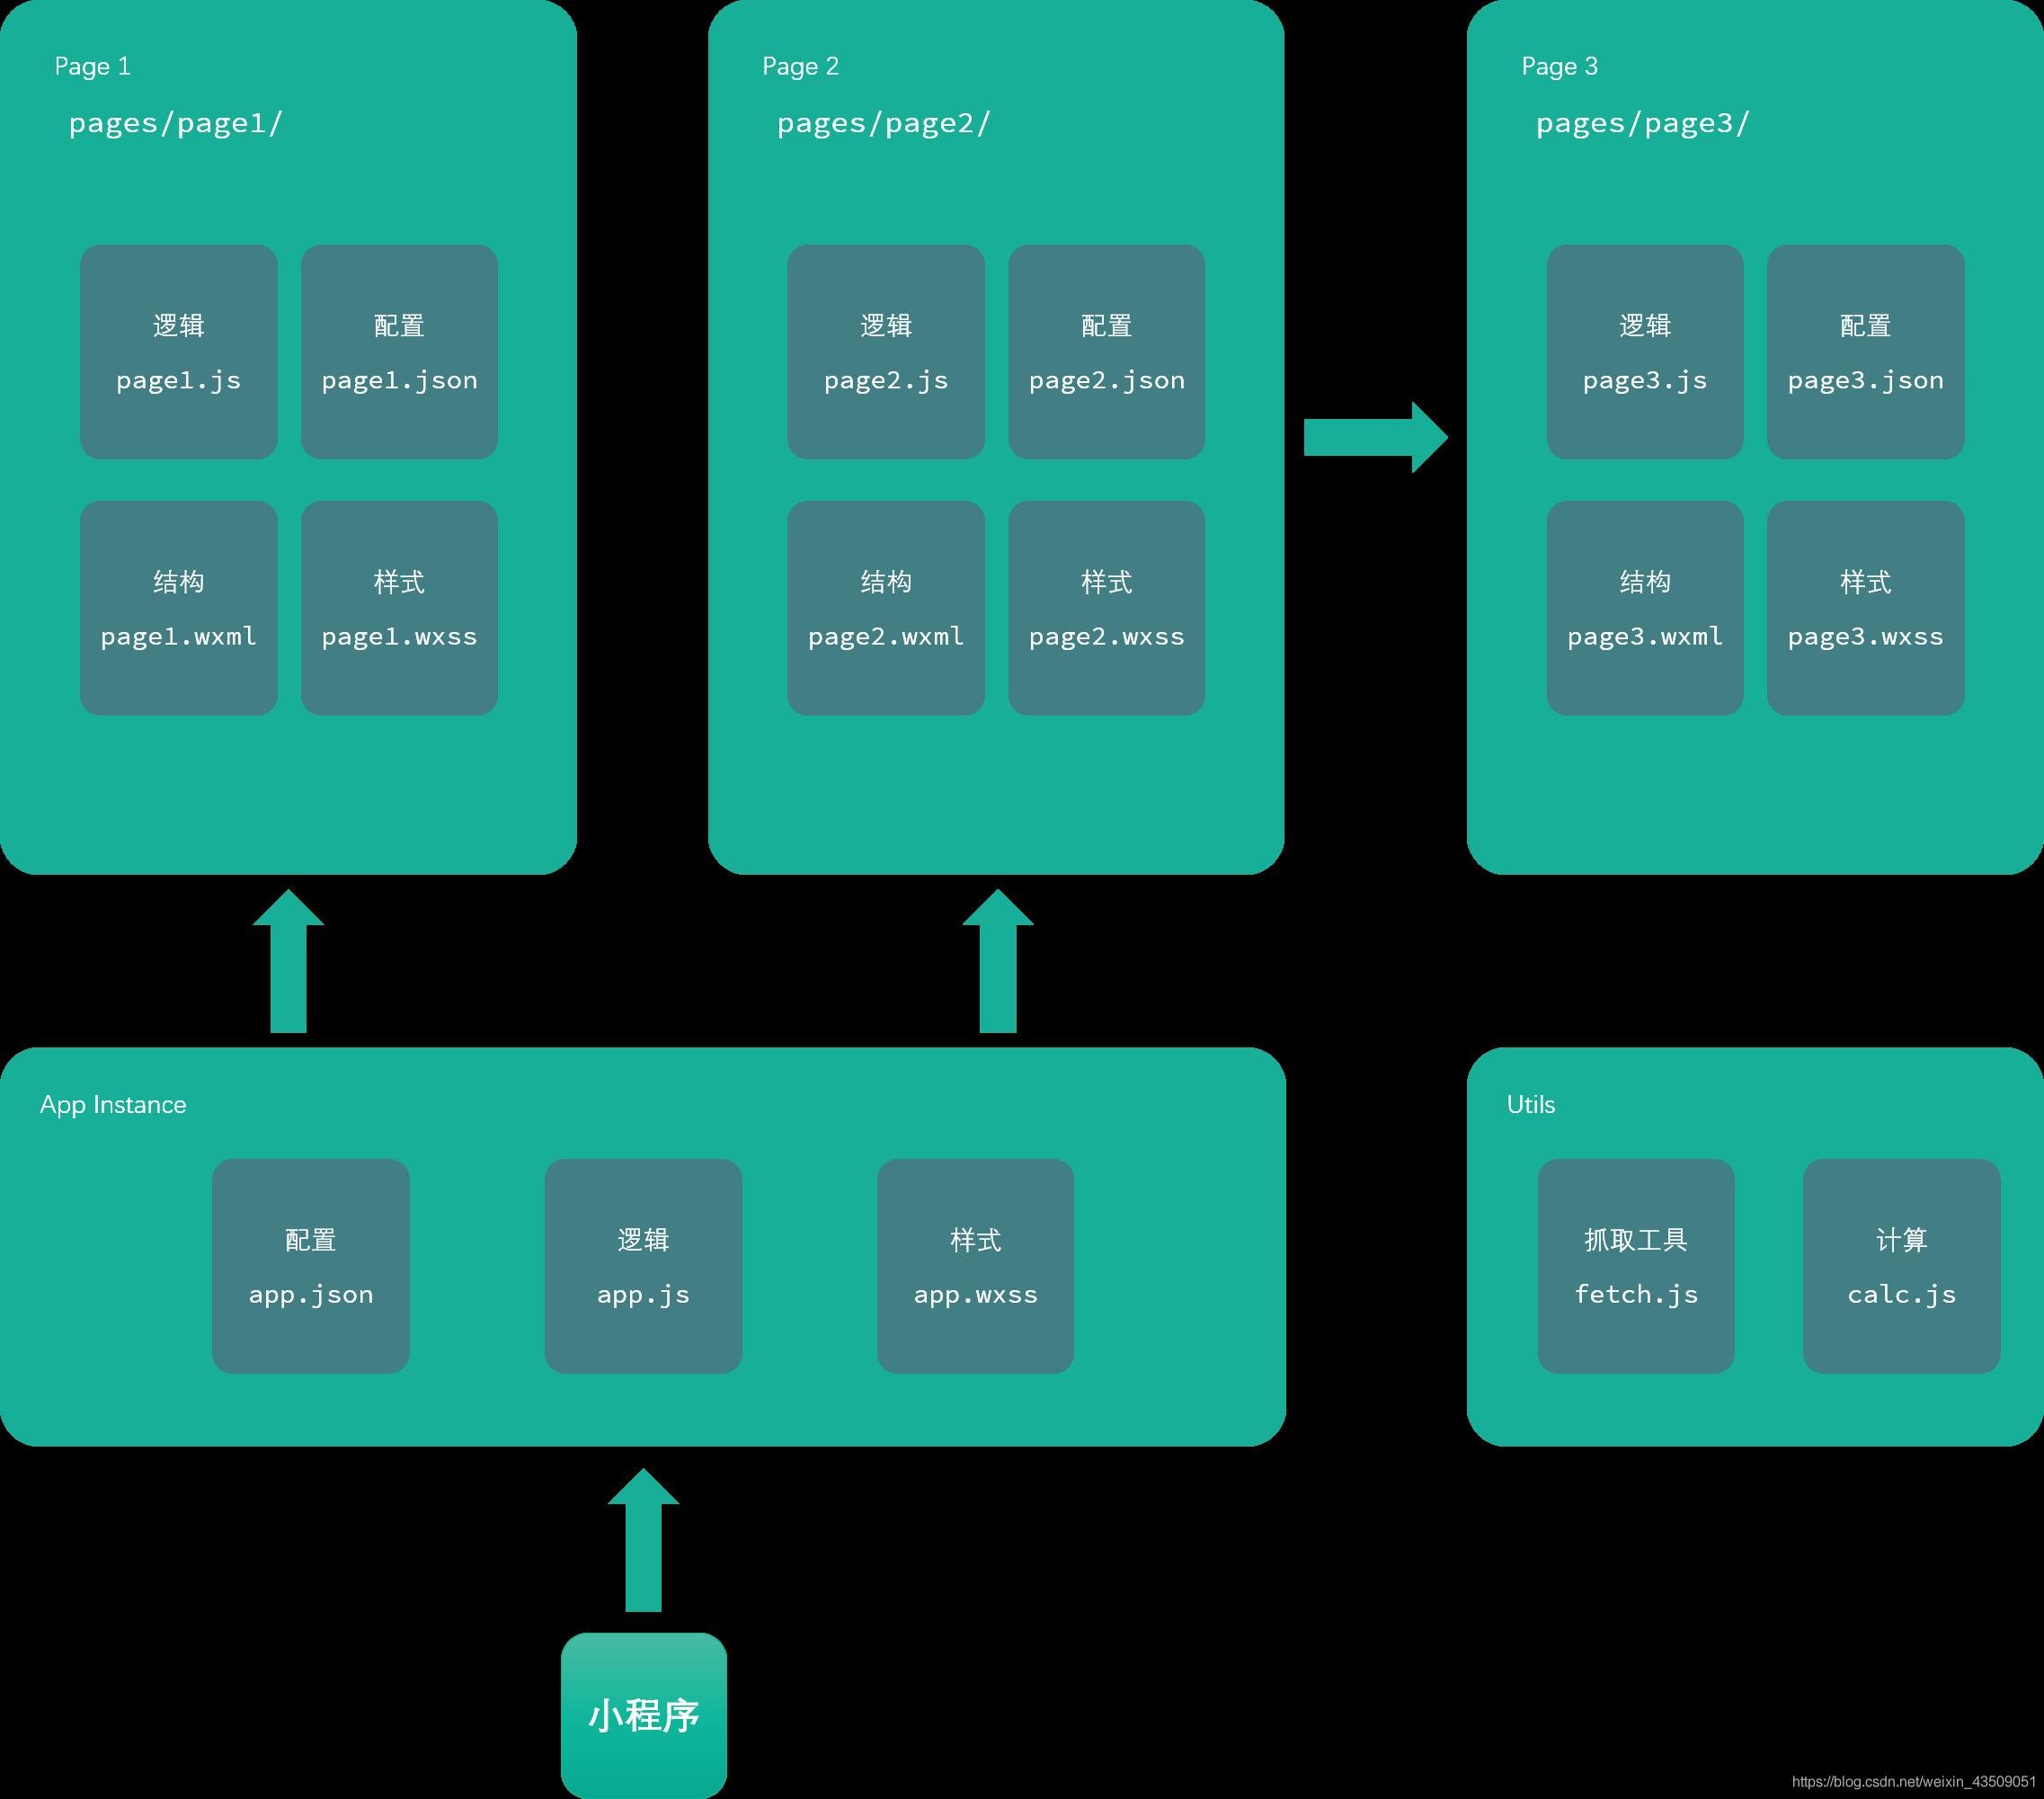 微信小程序的结构图